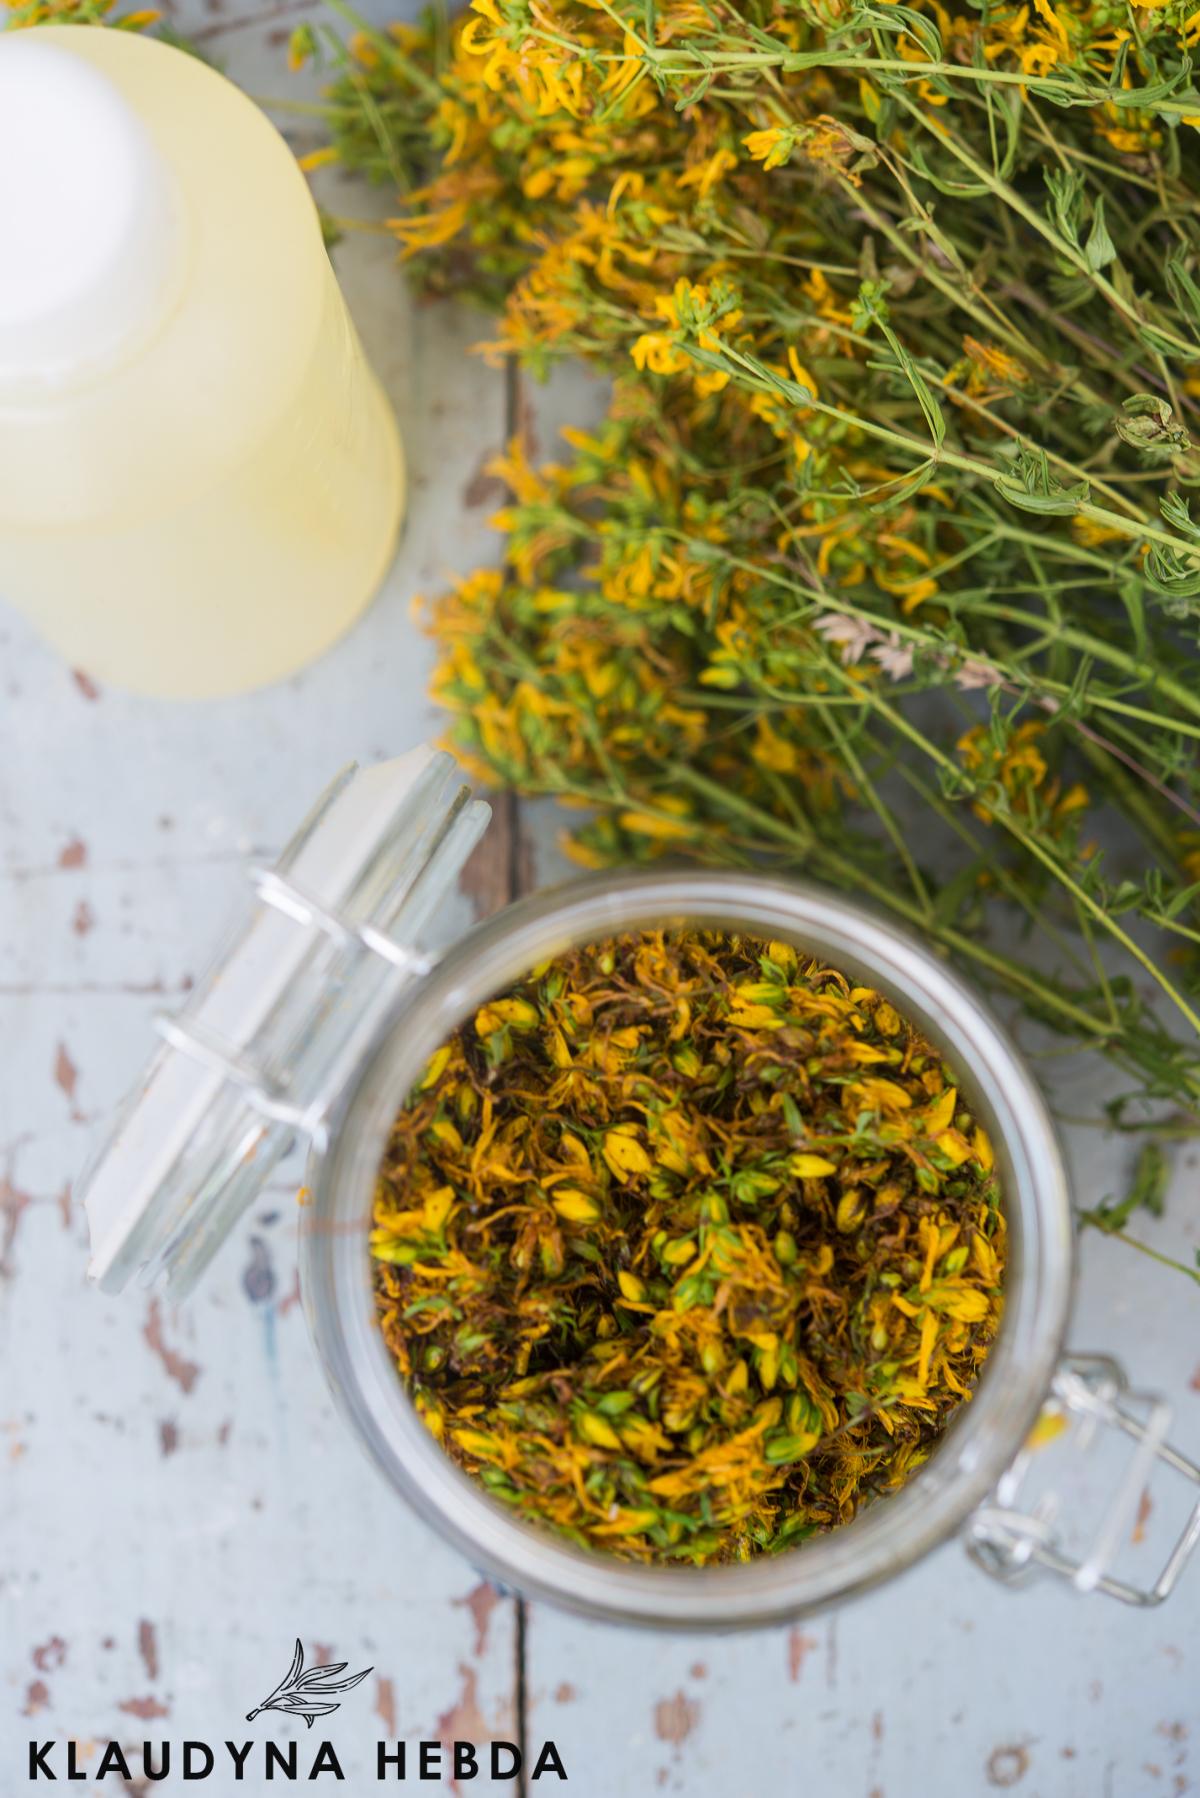 Jak wybrać najlepszy olej do maceracji ziół? Kompletny przewodnik. Cz 1